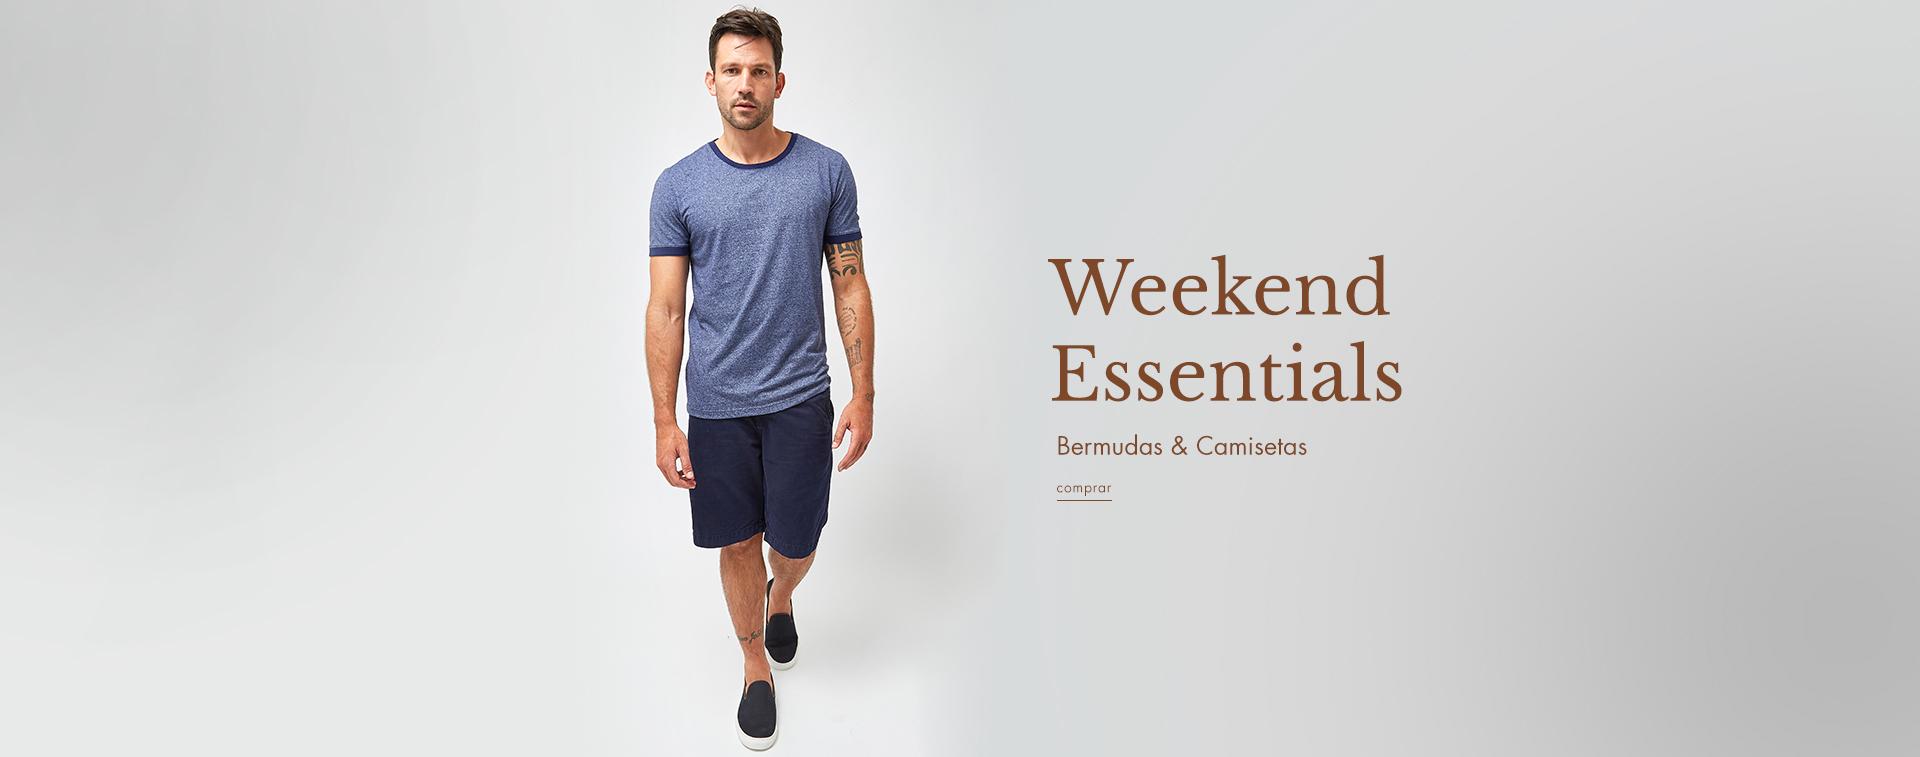 Bermudas & Camisetas